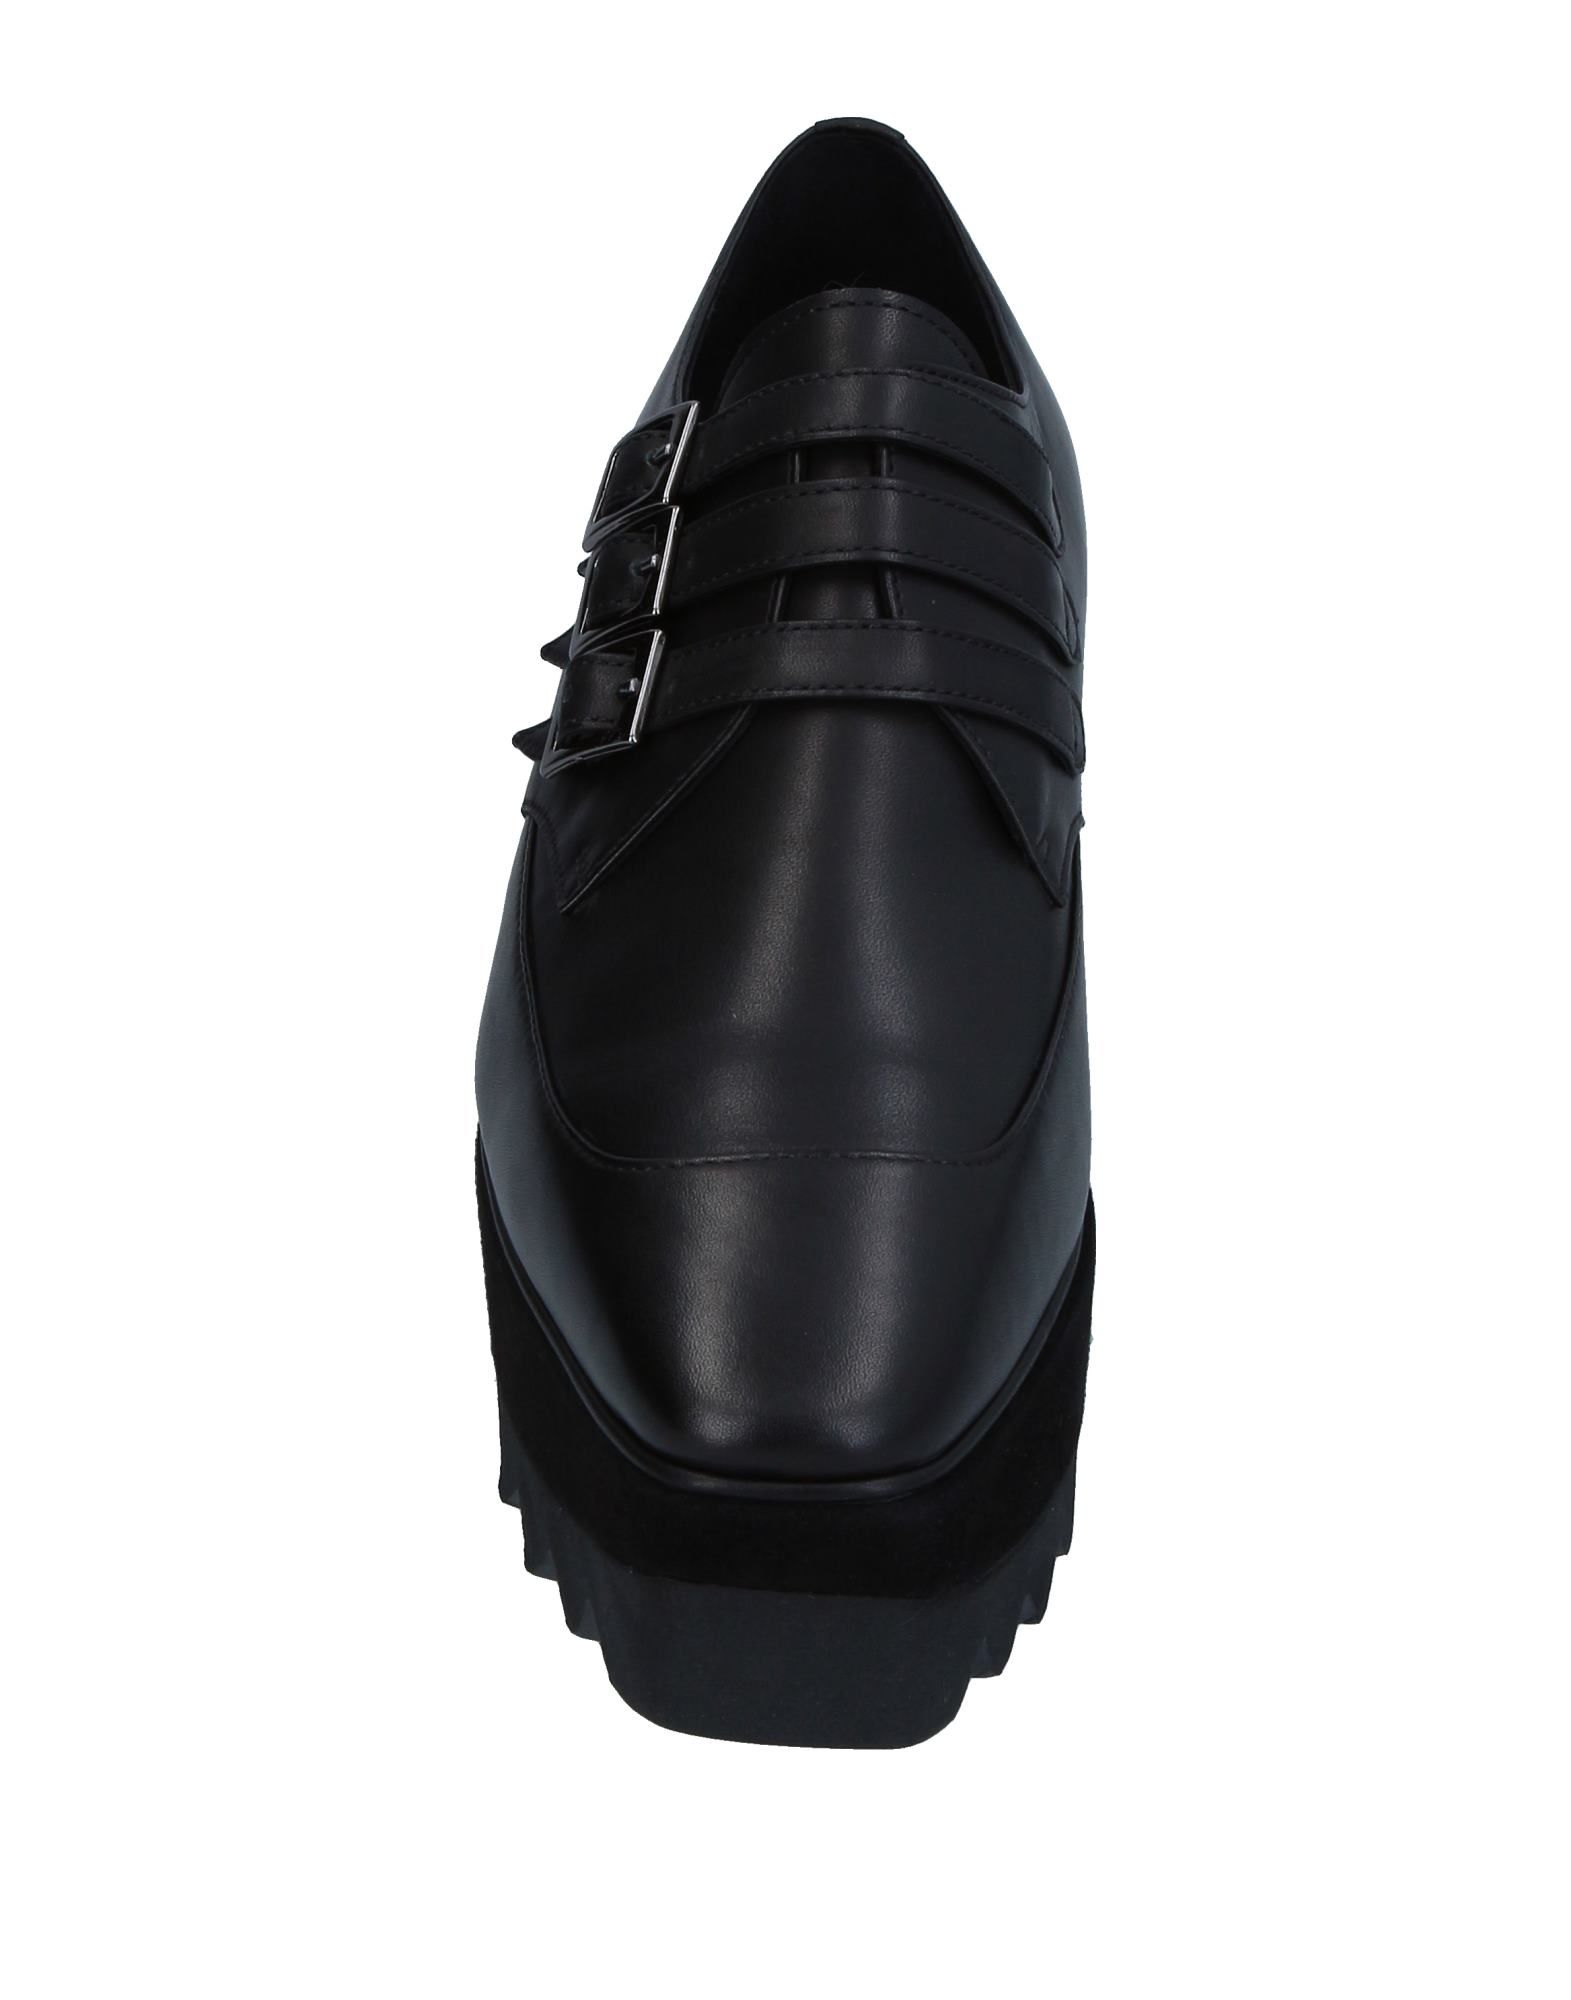 Morobē Mokassins Damen Damen Damen  11368114PC Heiße Schuhe 0ff80a